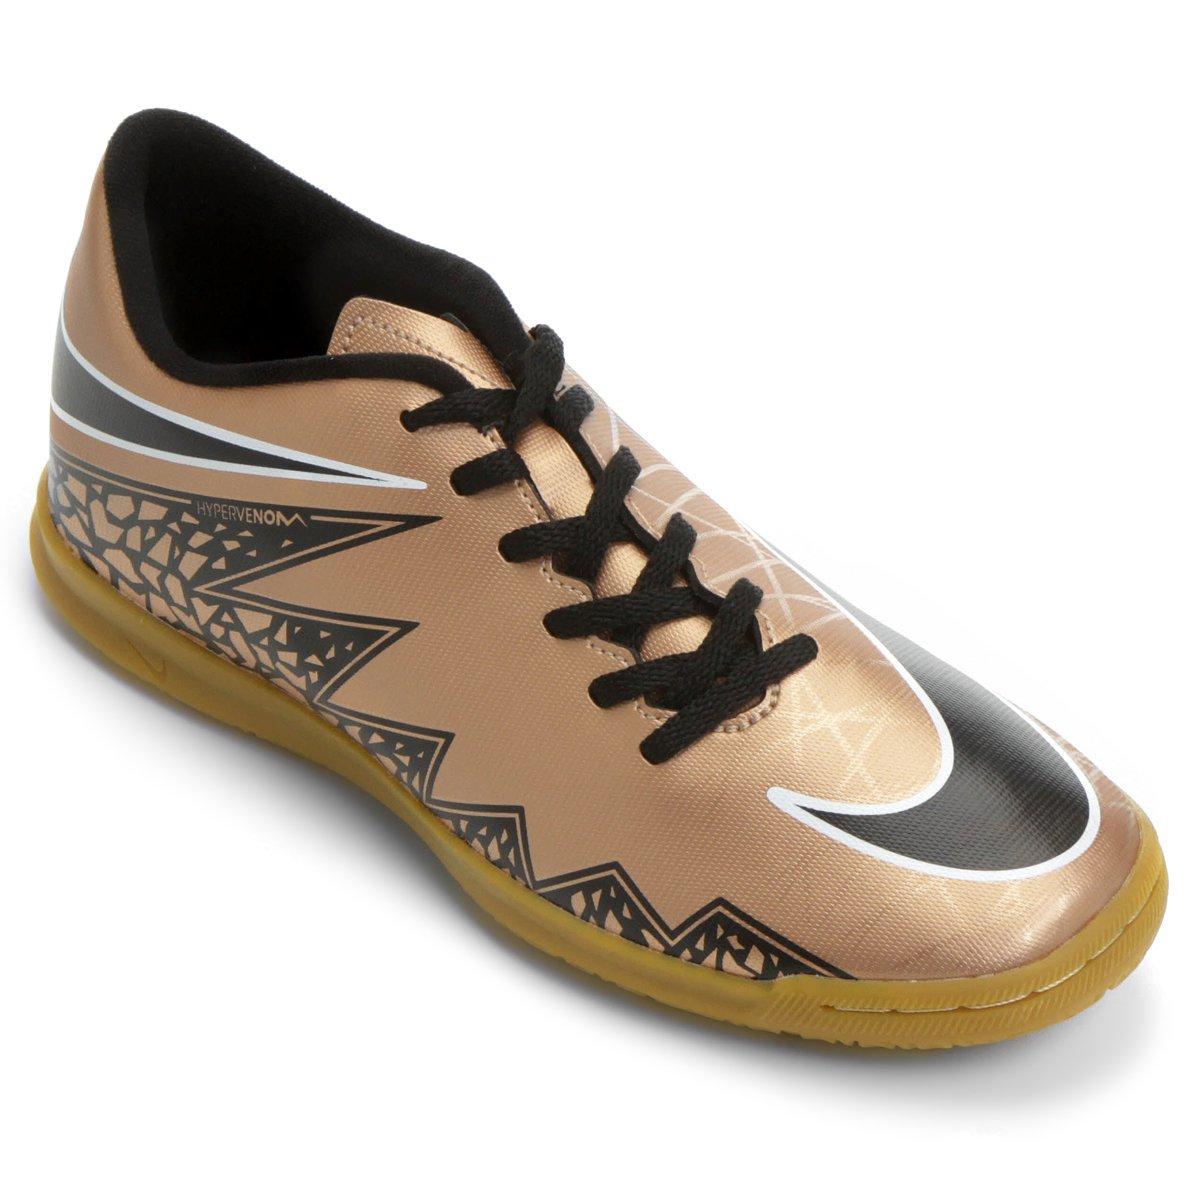 1d33ad592 Chuteira Nike Hypervenom Phade 2 IC Futsal - Marrom e Preto ...